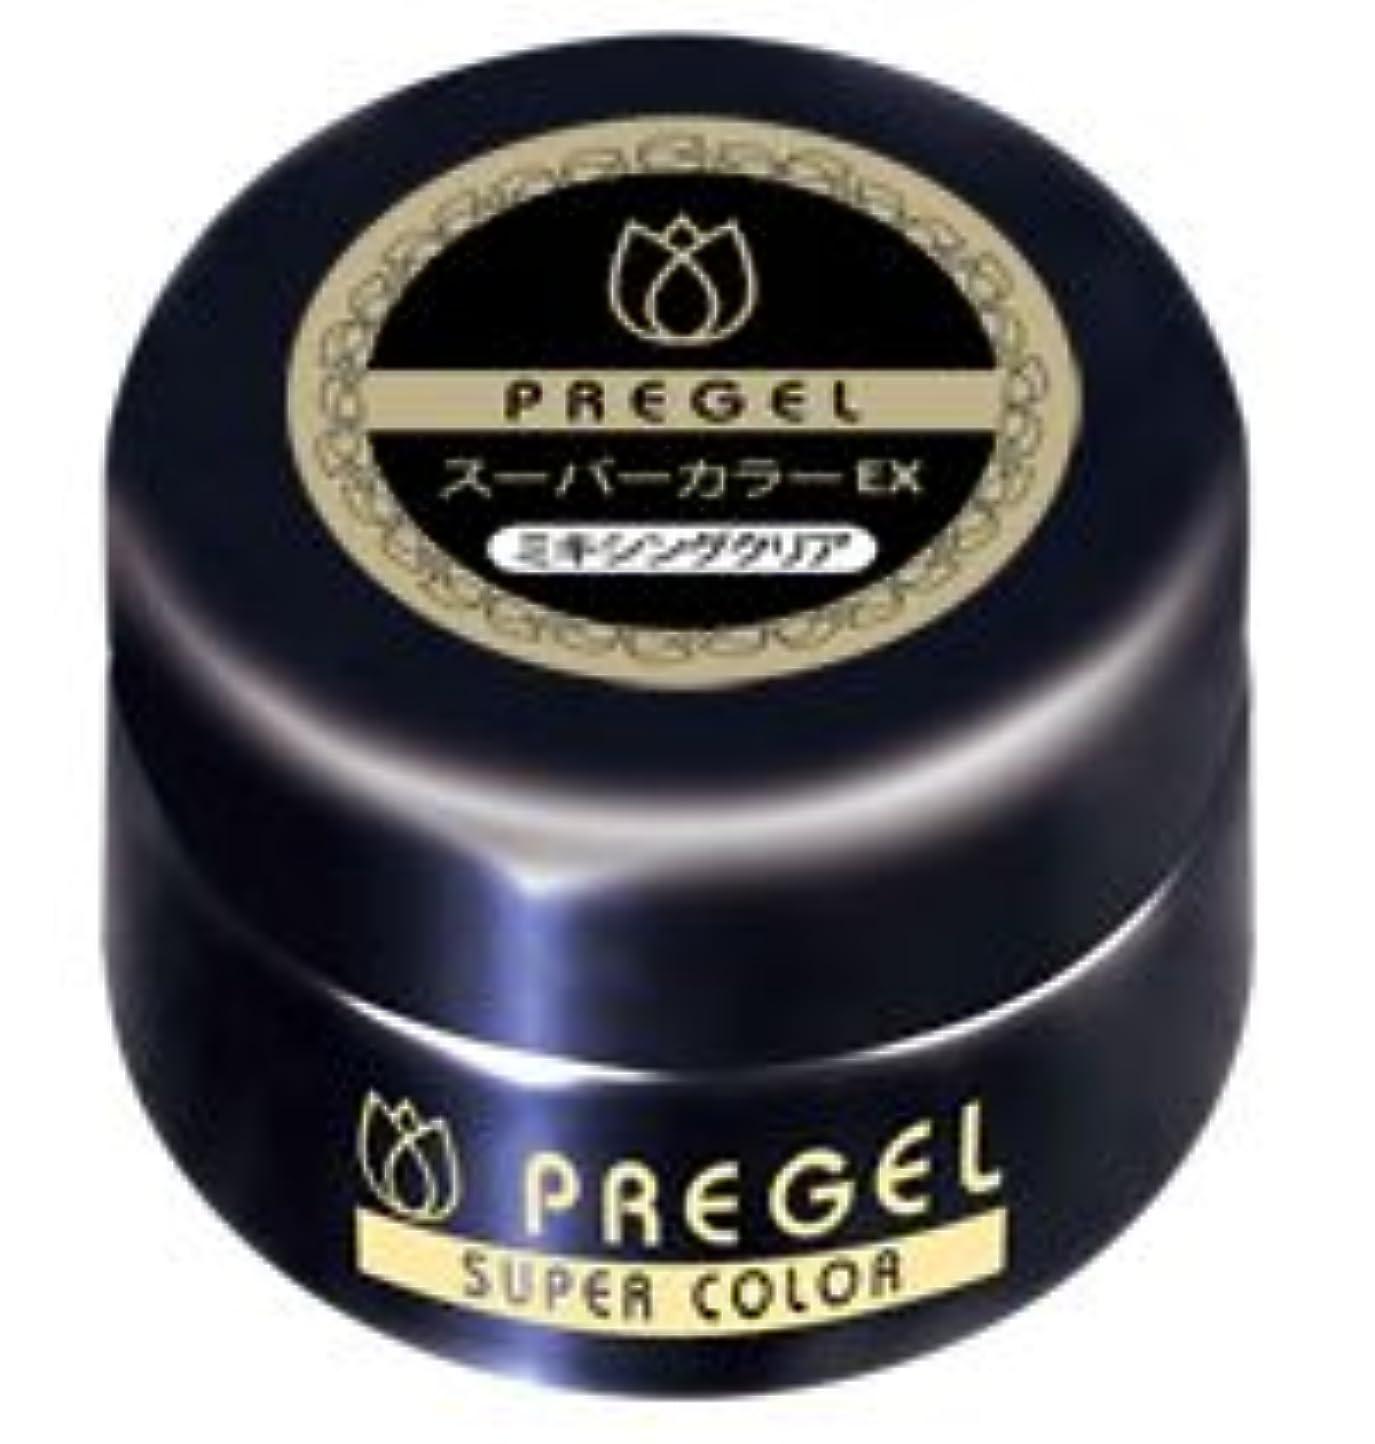 冷蔵する露出度の高いモールス信号PREGEL(プリジェル) スーパーカラーEx PG-SE000 <BR>ミキシングクリア 4g